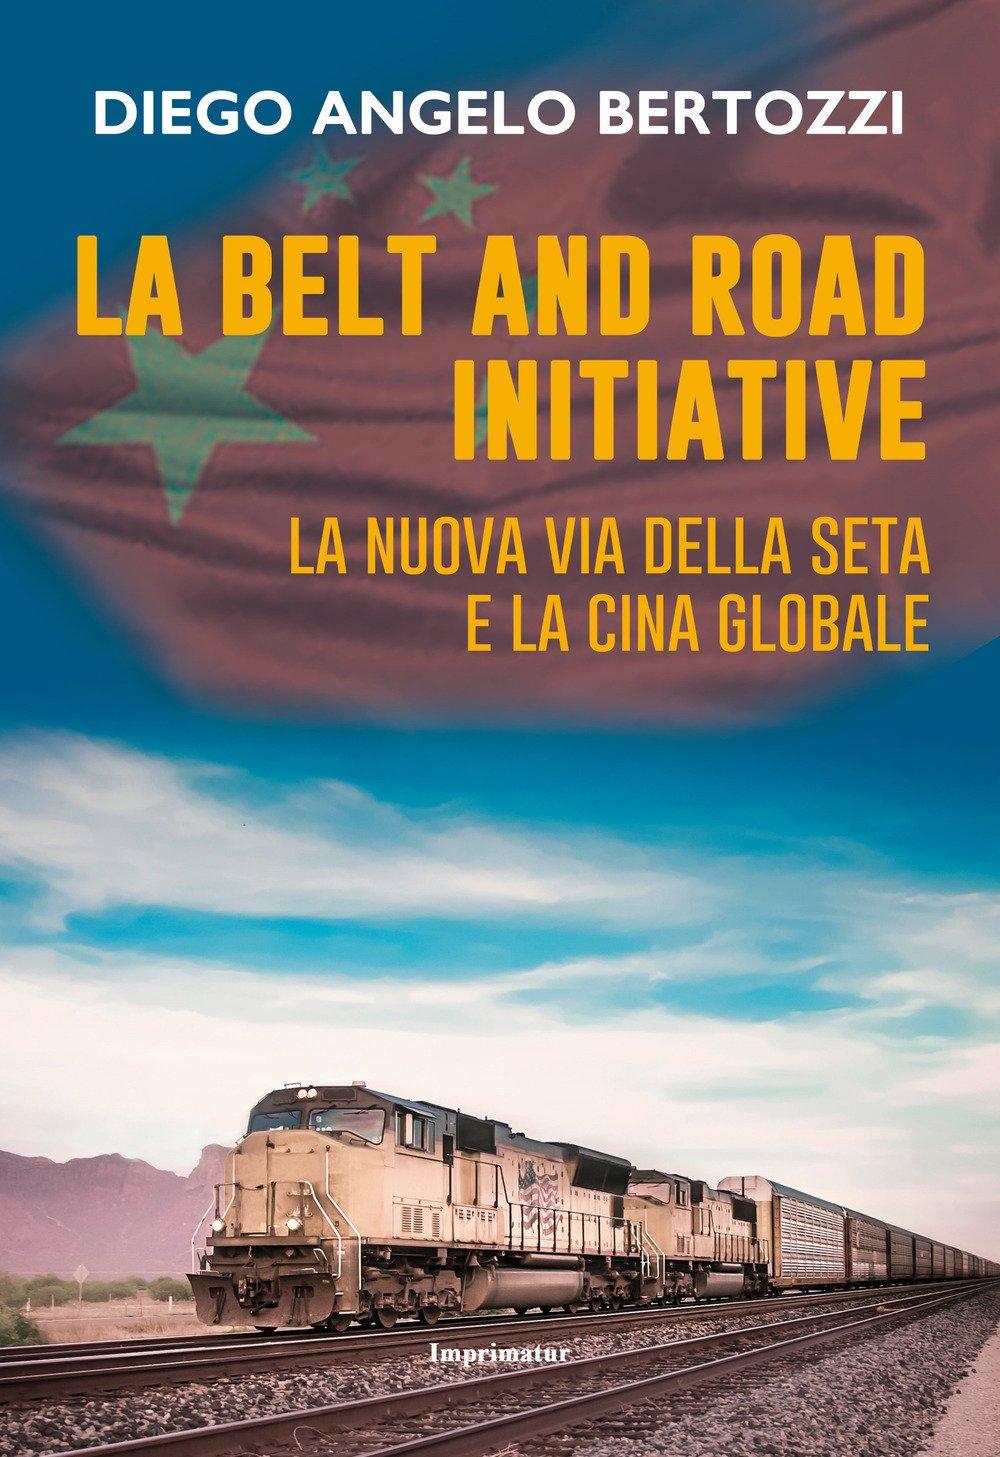 La Belt and road initiative. La nuova via della seta e la Cina globale